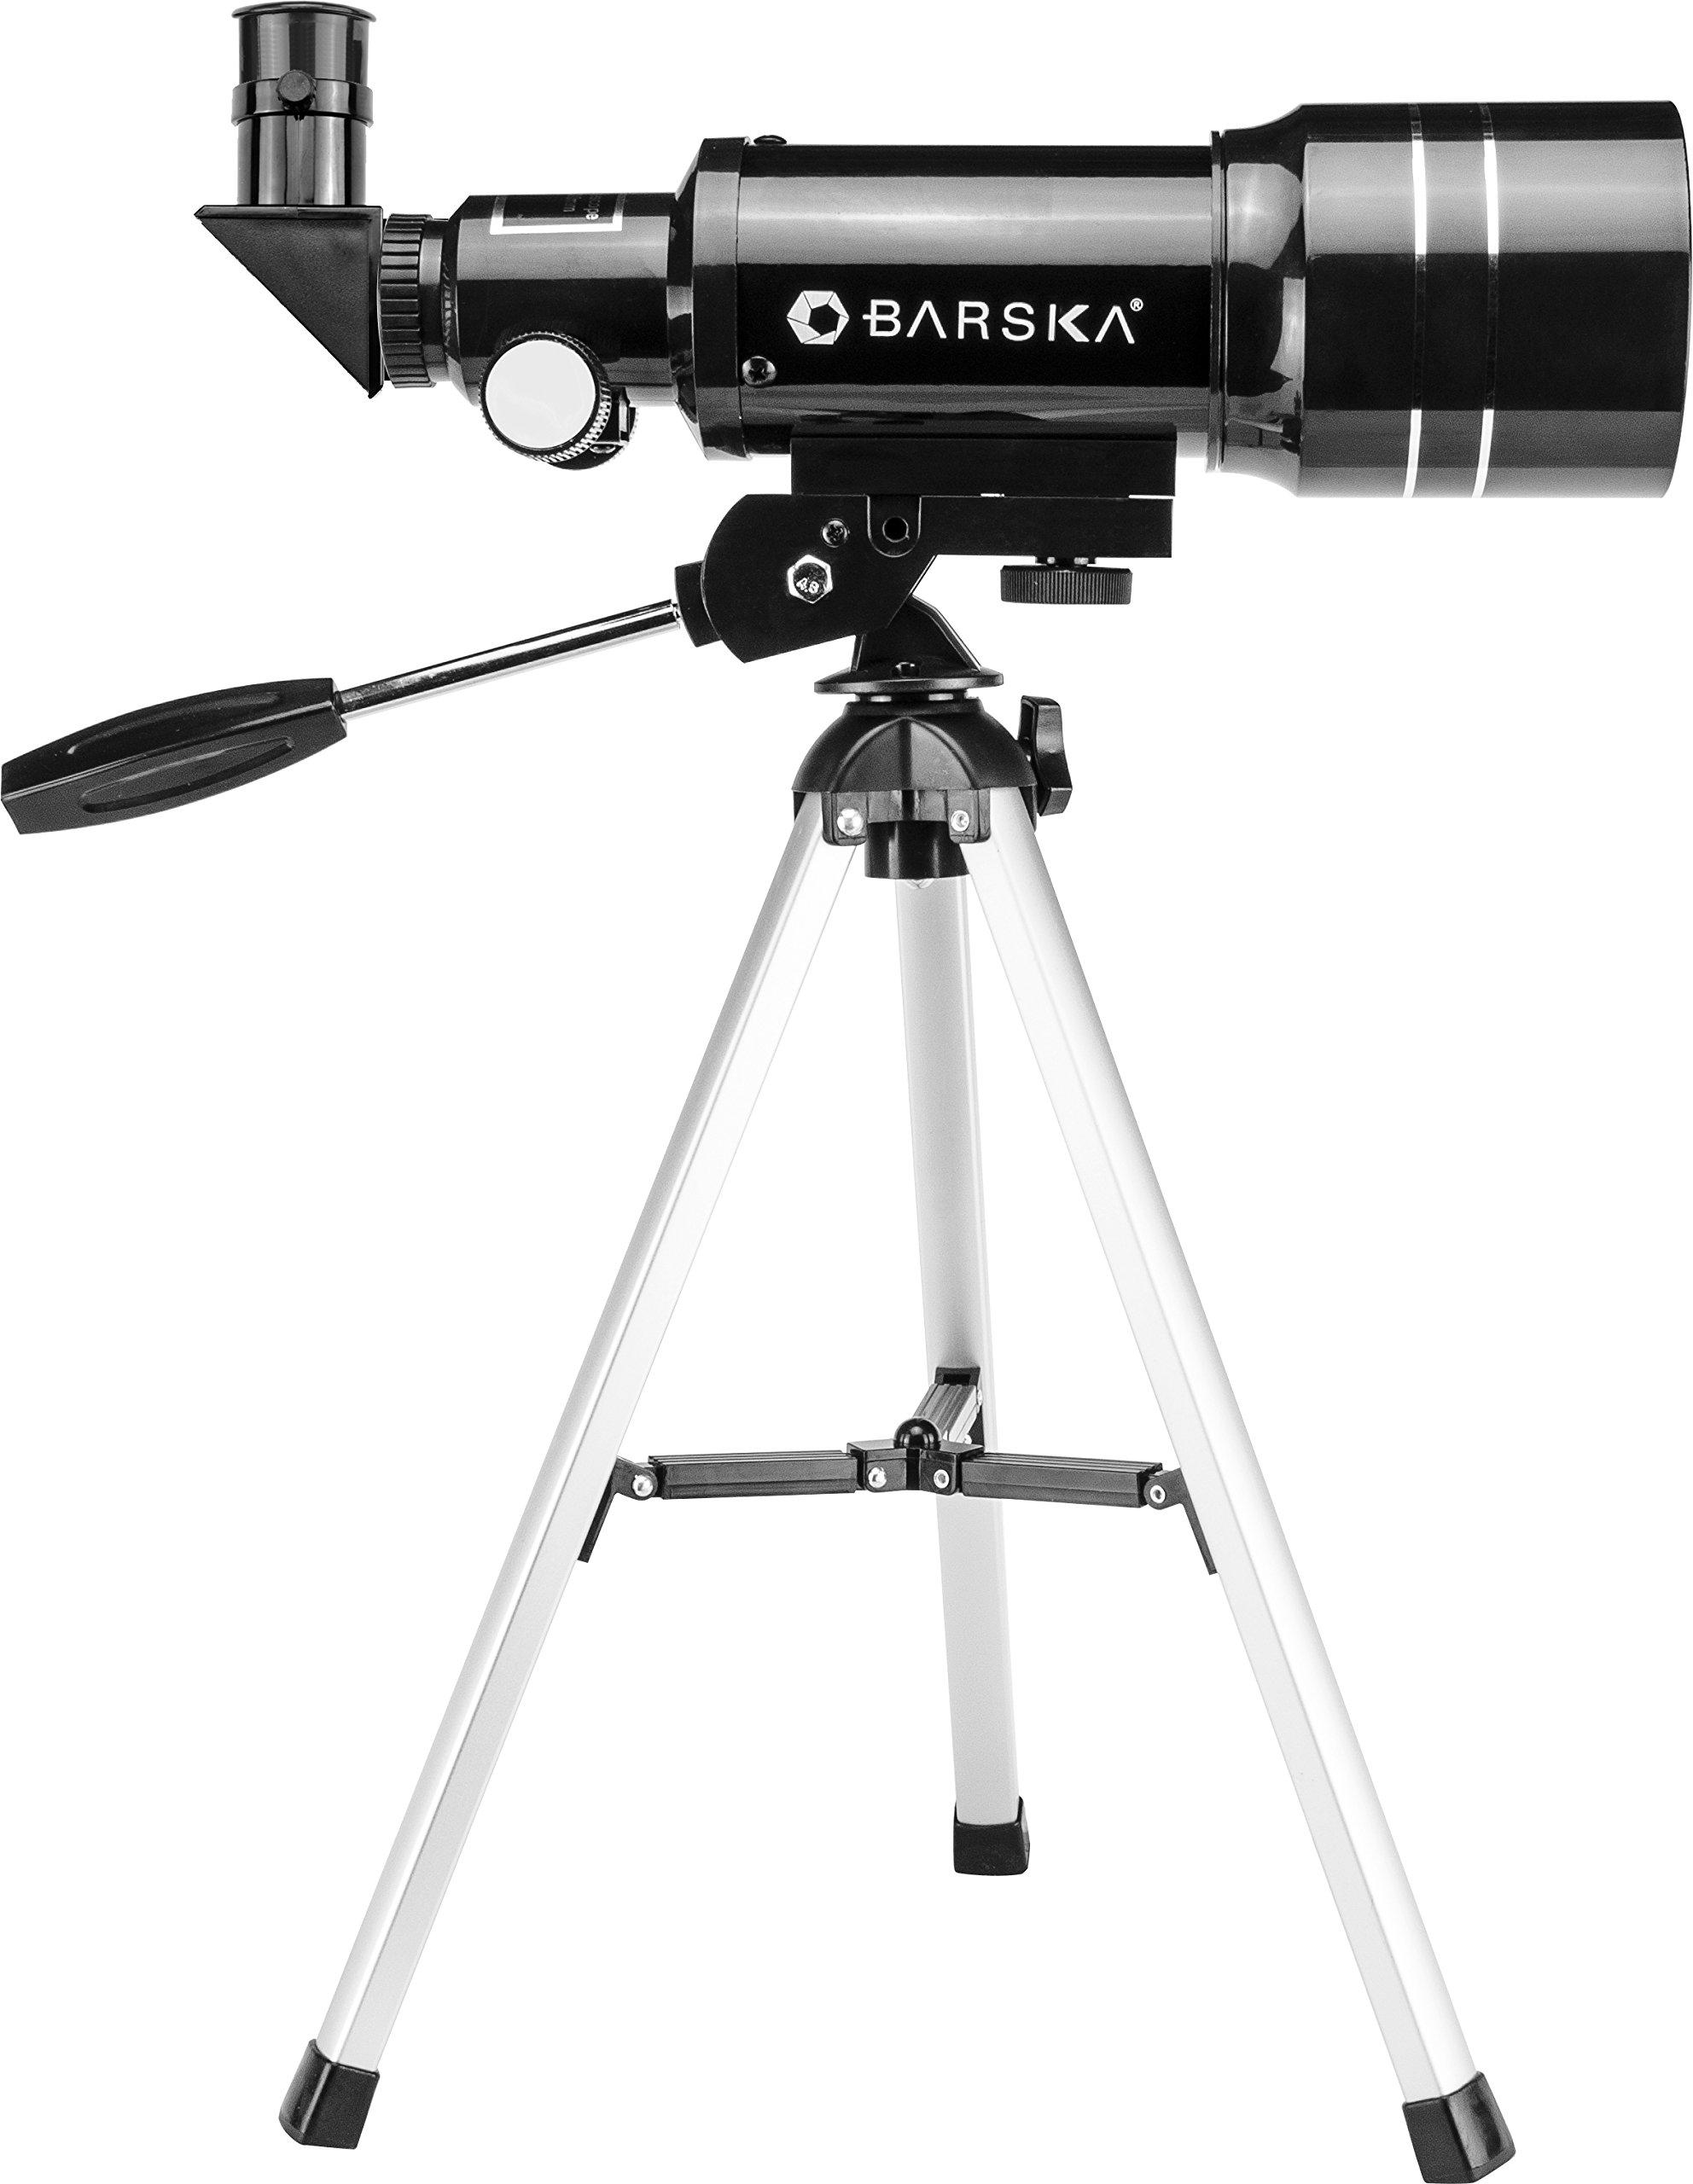 BARSKA 225 Power Starwatcher Telescope Fully Coated 300mm f/4 Refractor